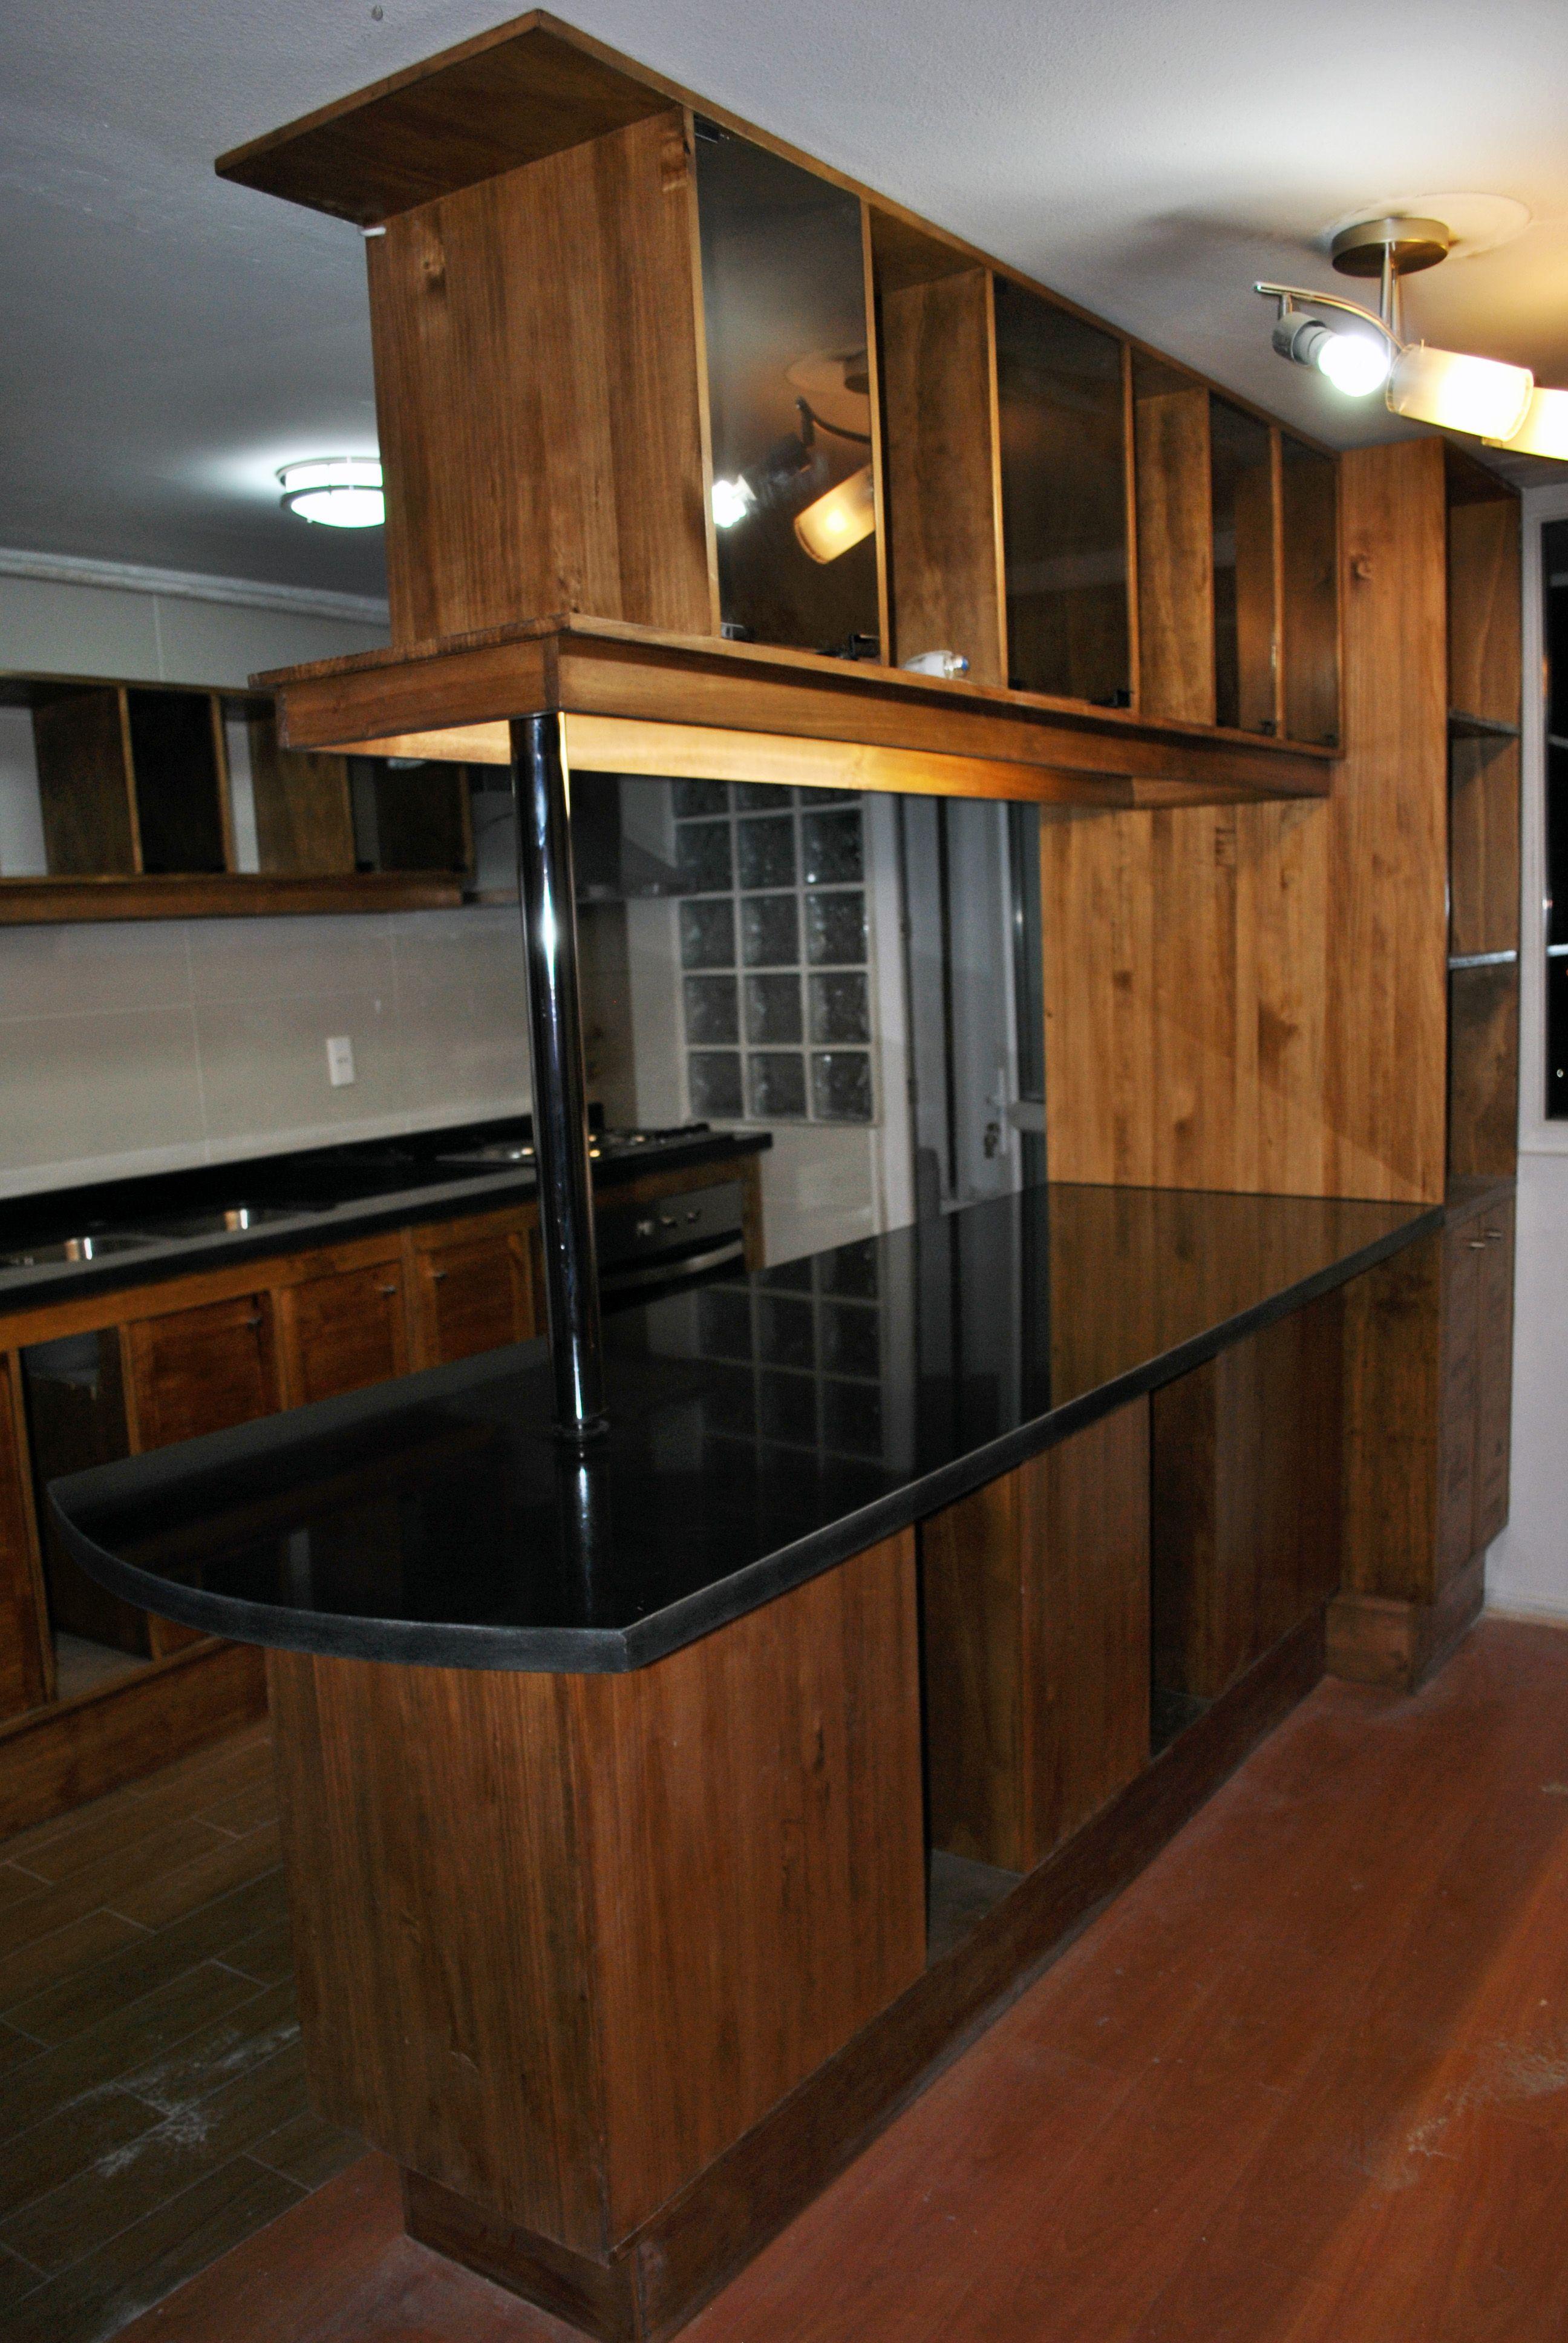 Cocina americana elaborada en madera nativa. | Mobiliario de cocina ...